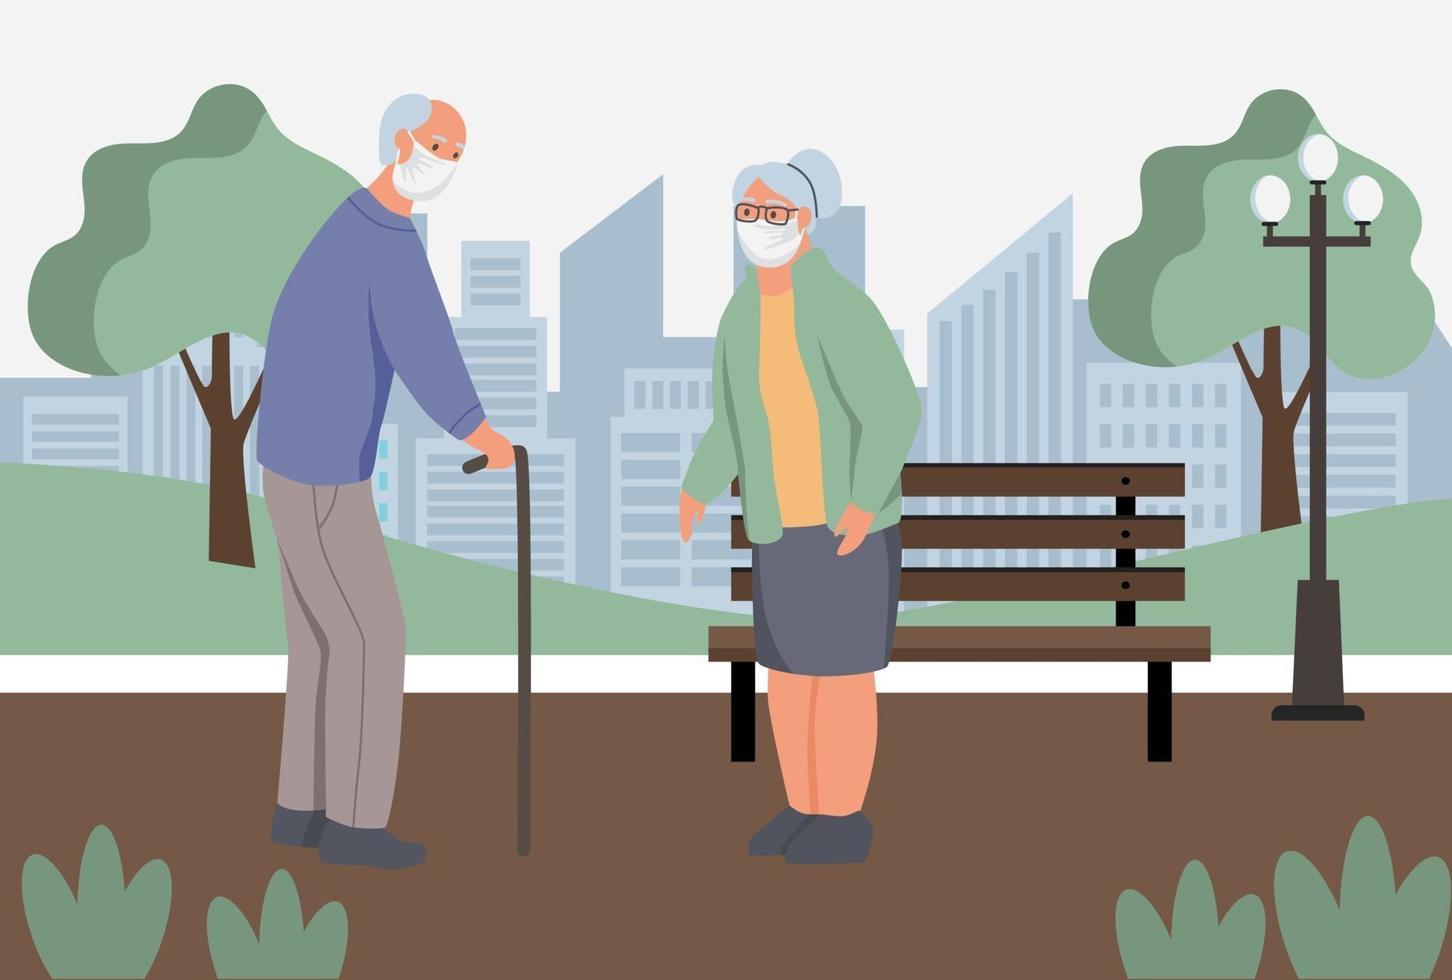 Holunder in schützenden Gesichtsstaubmasken wolk im Park. Schutz vor städtischer Luftverschmutzung, Smog, Dampf. Coronavirus-Quarantäne, Atemwegsvirus-Konzept. flache Karikaturvektorillustration. vektor